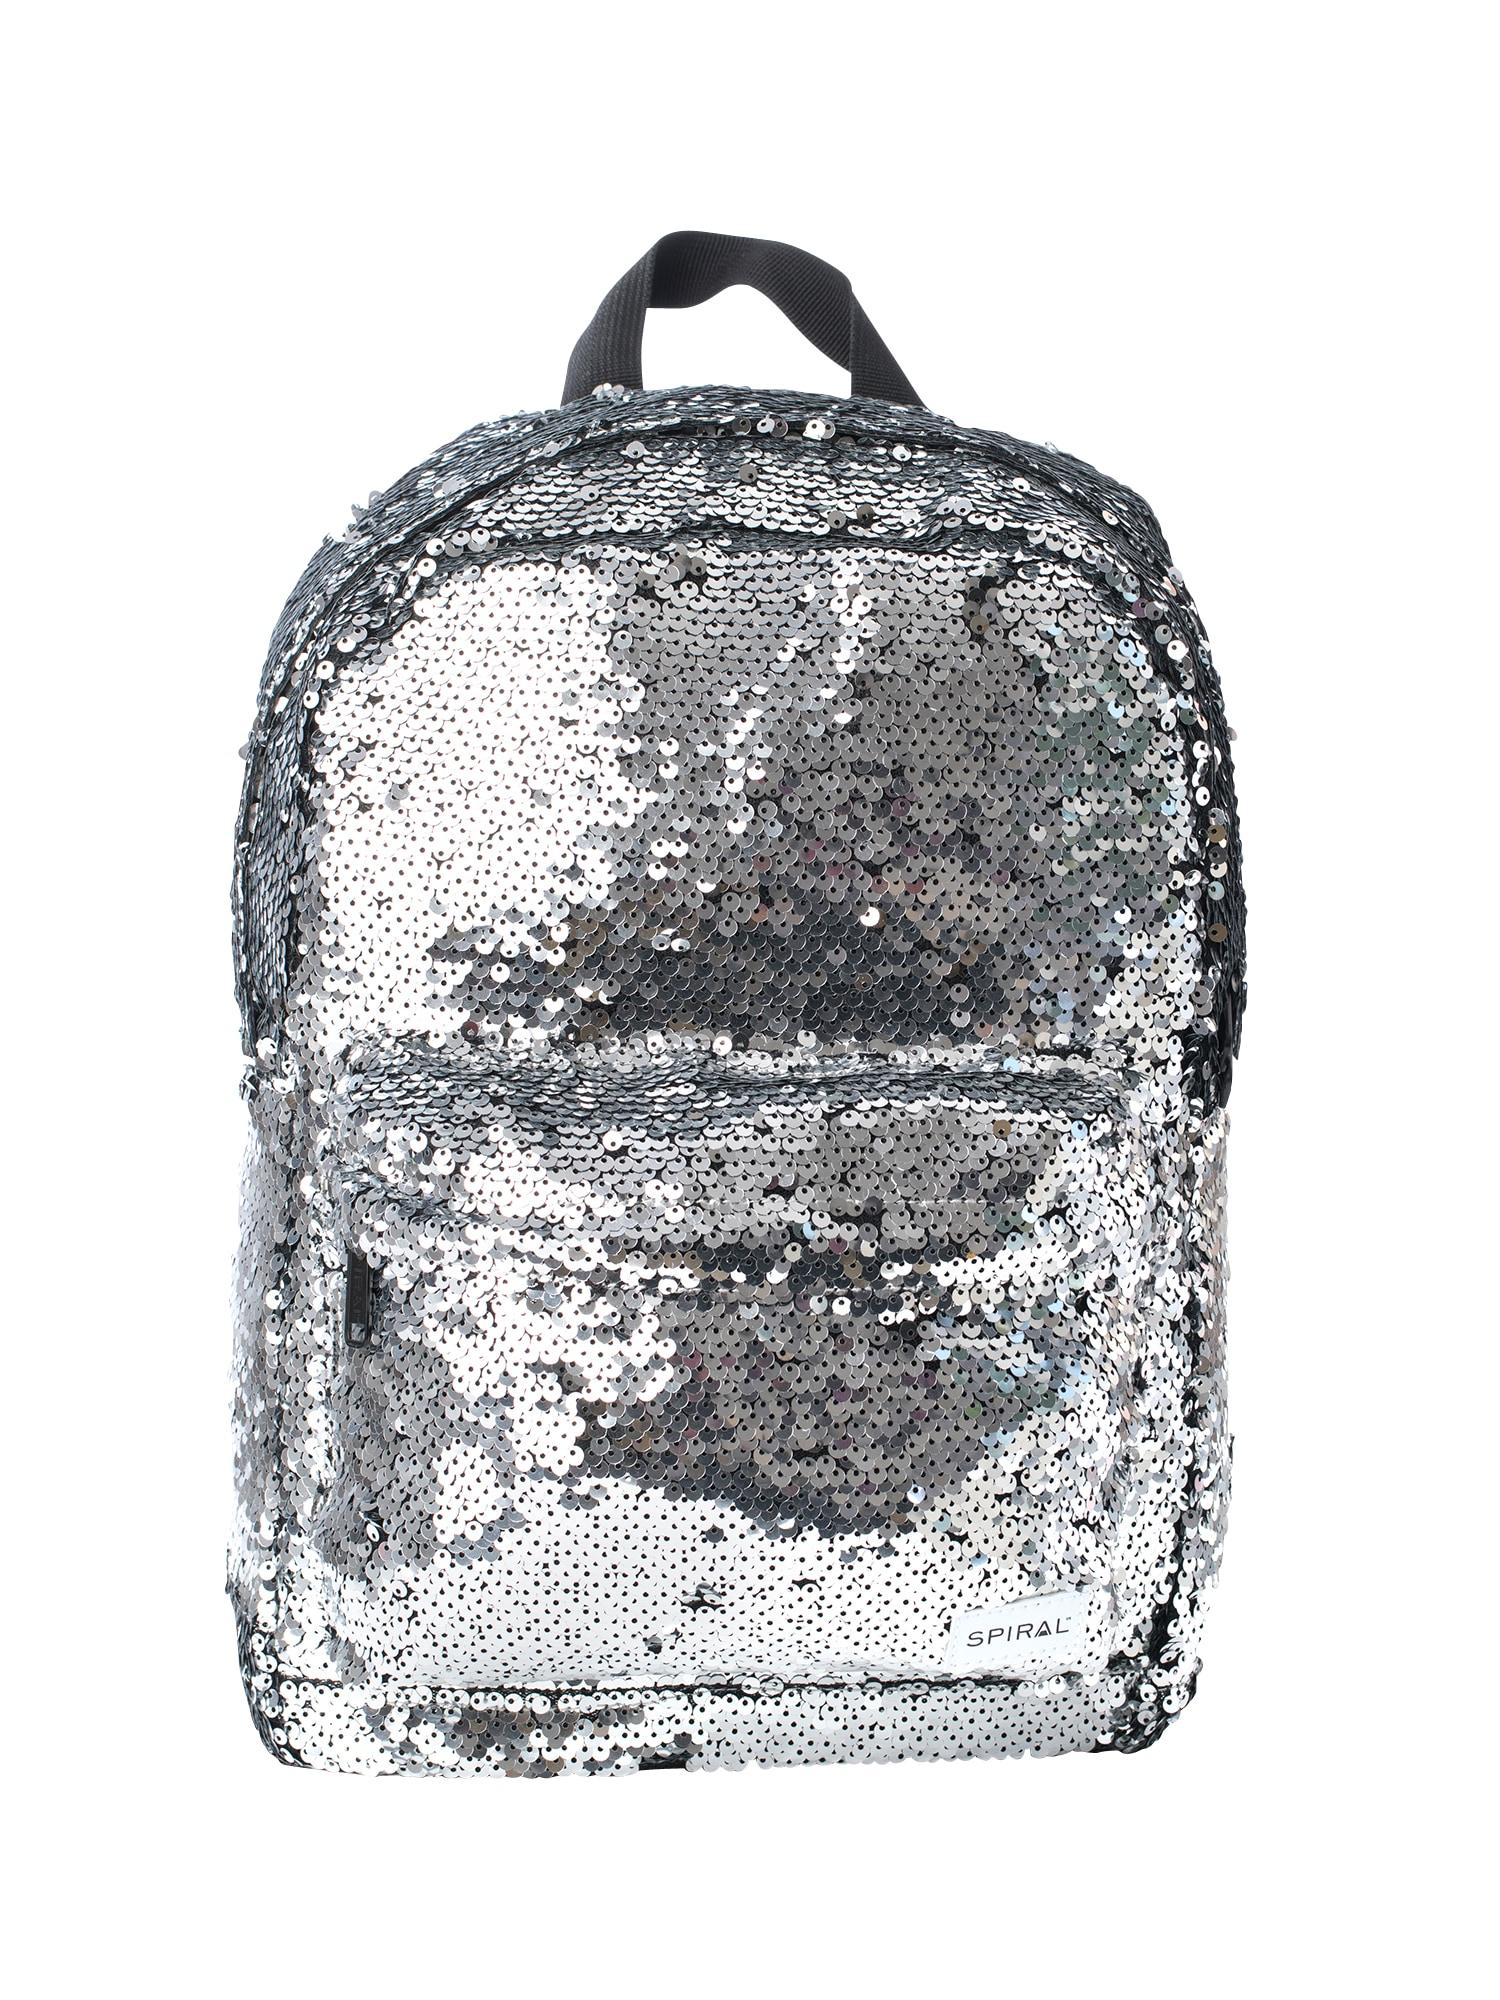 Batoh MINI OG stříbrná SPIRAL